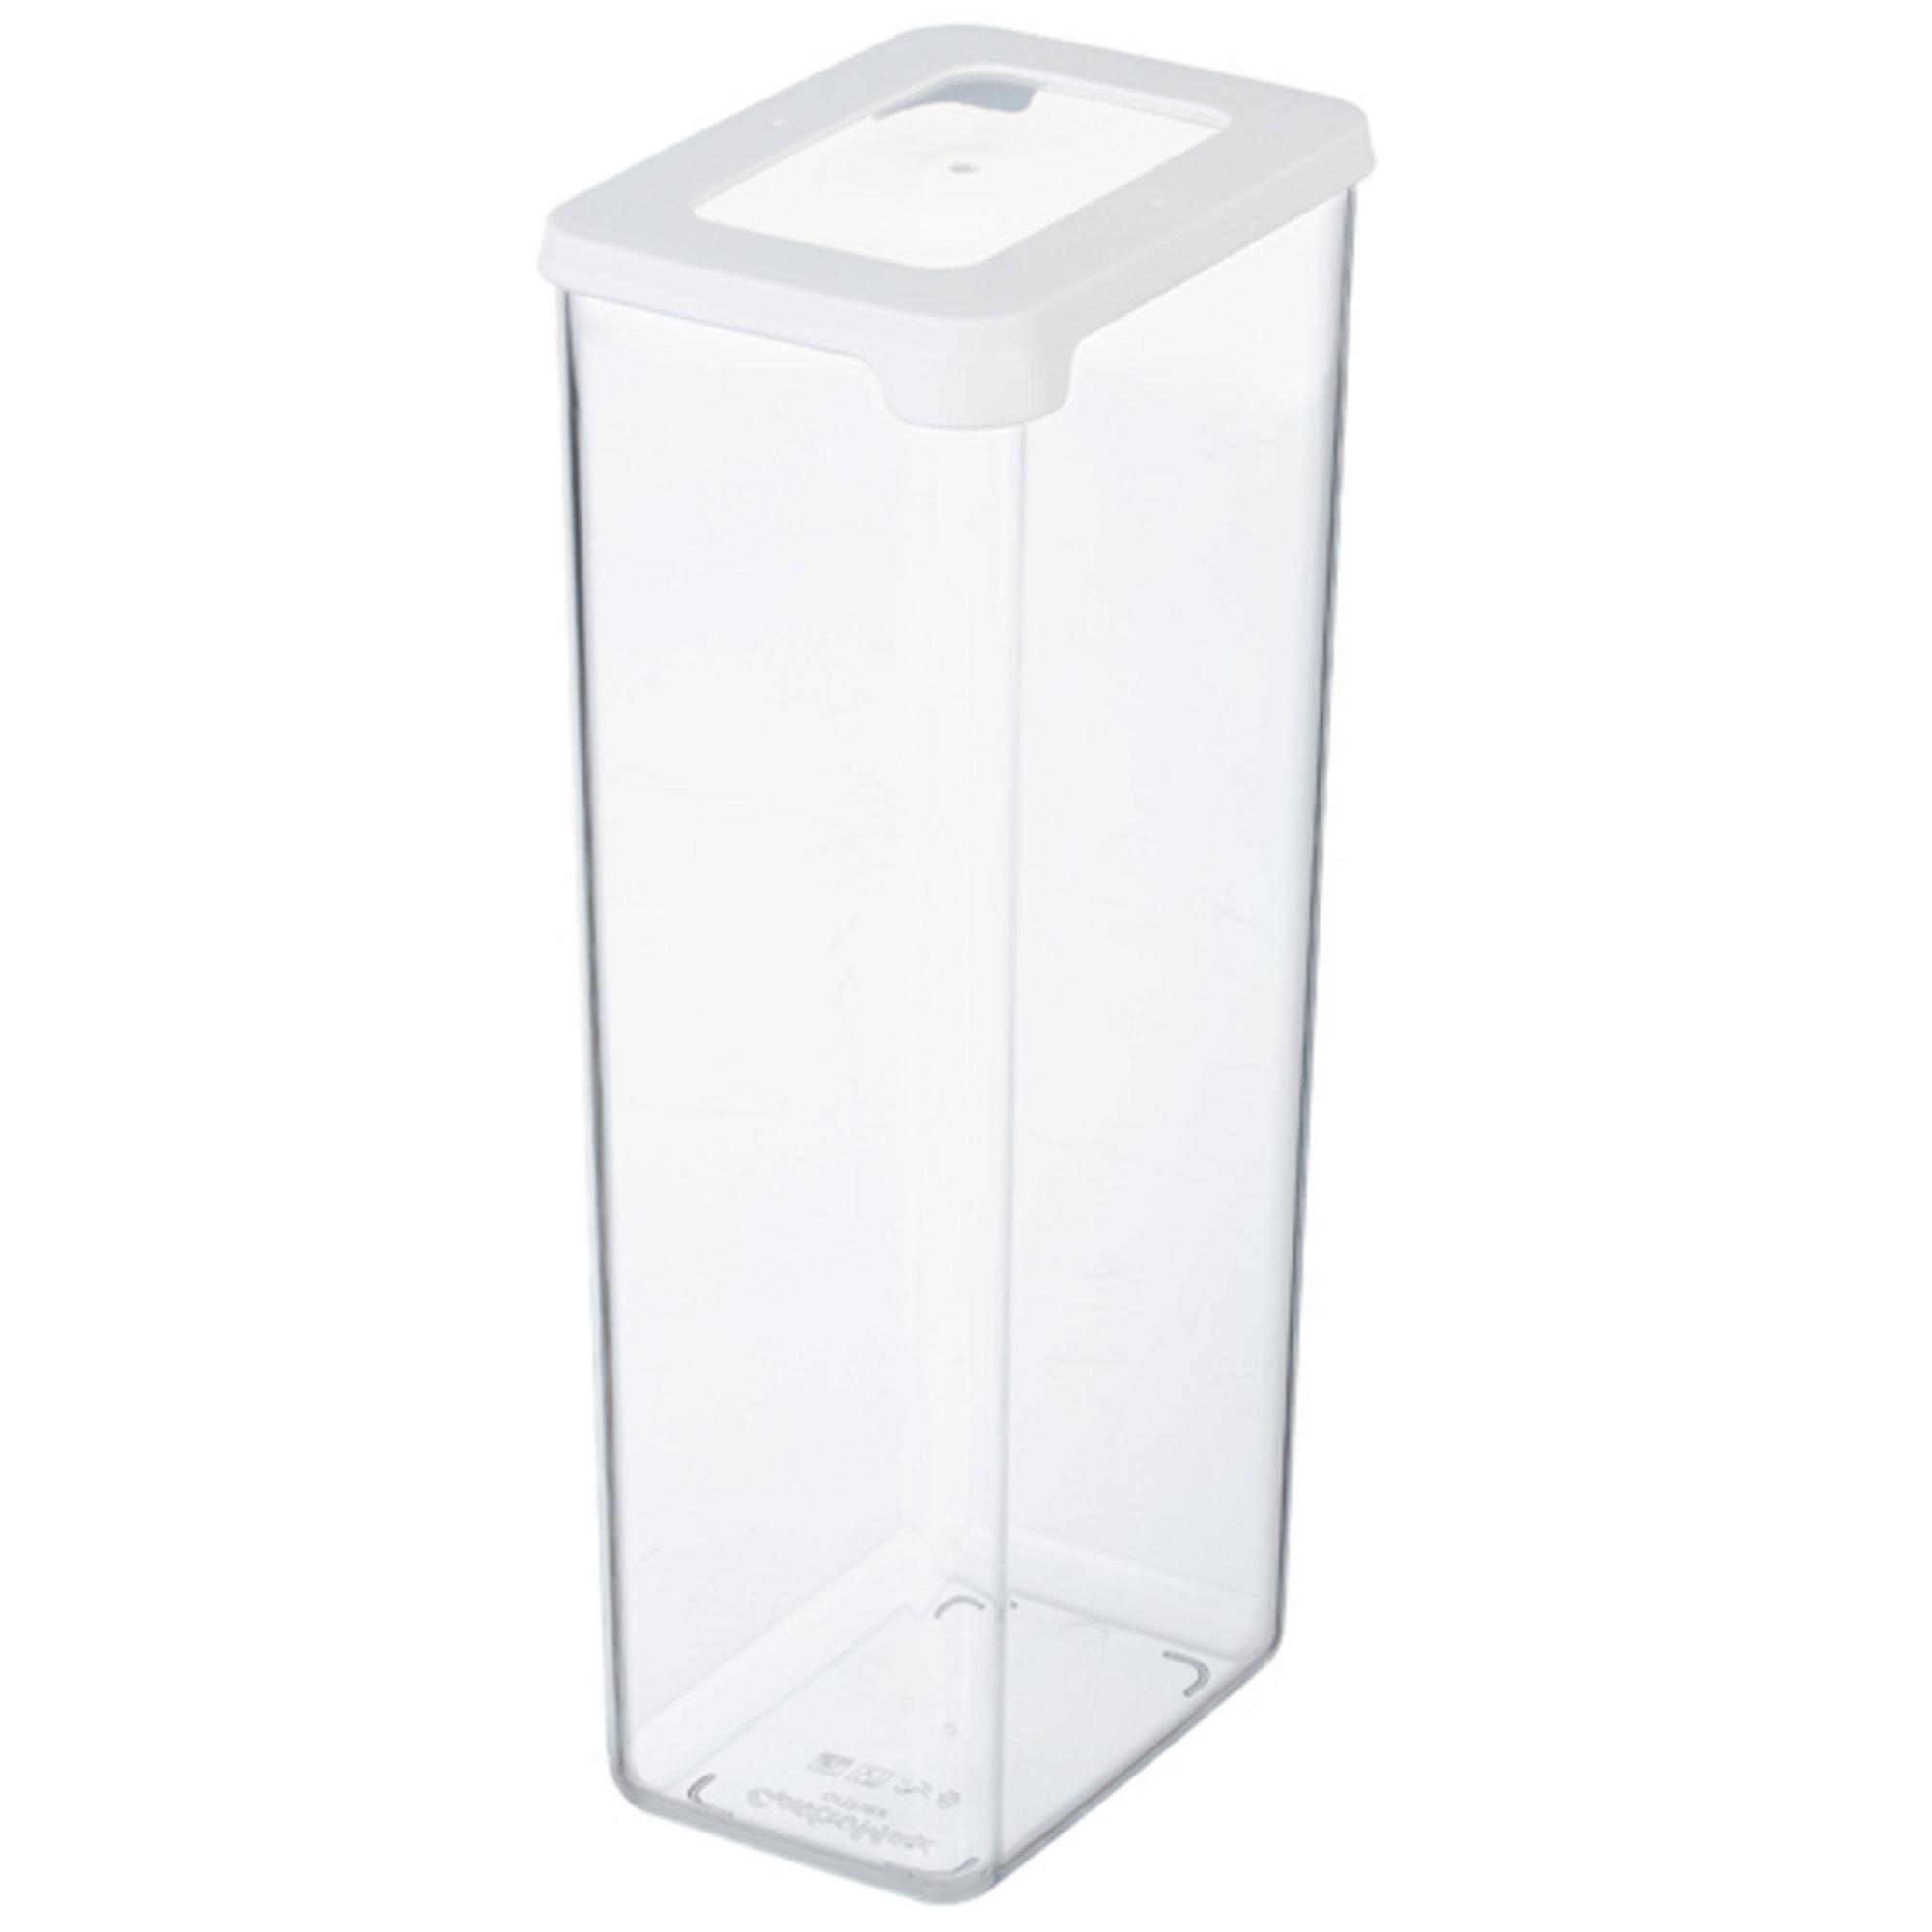 Gastromax Skafferiförvaring 225 Liter Transparent